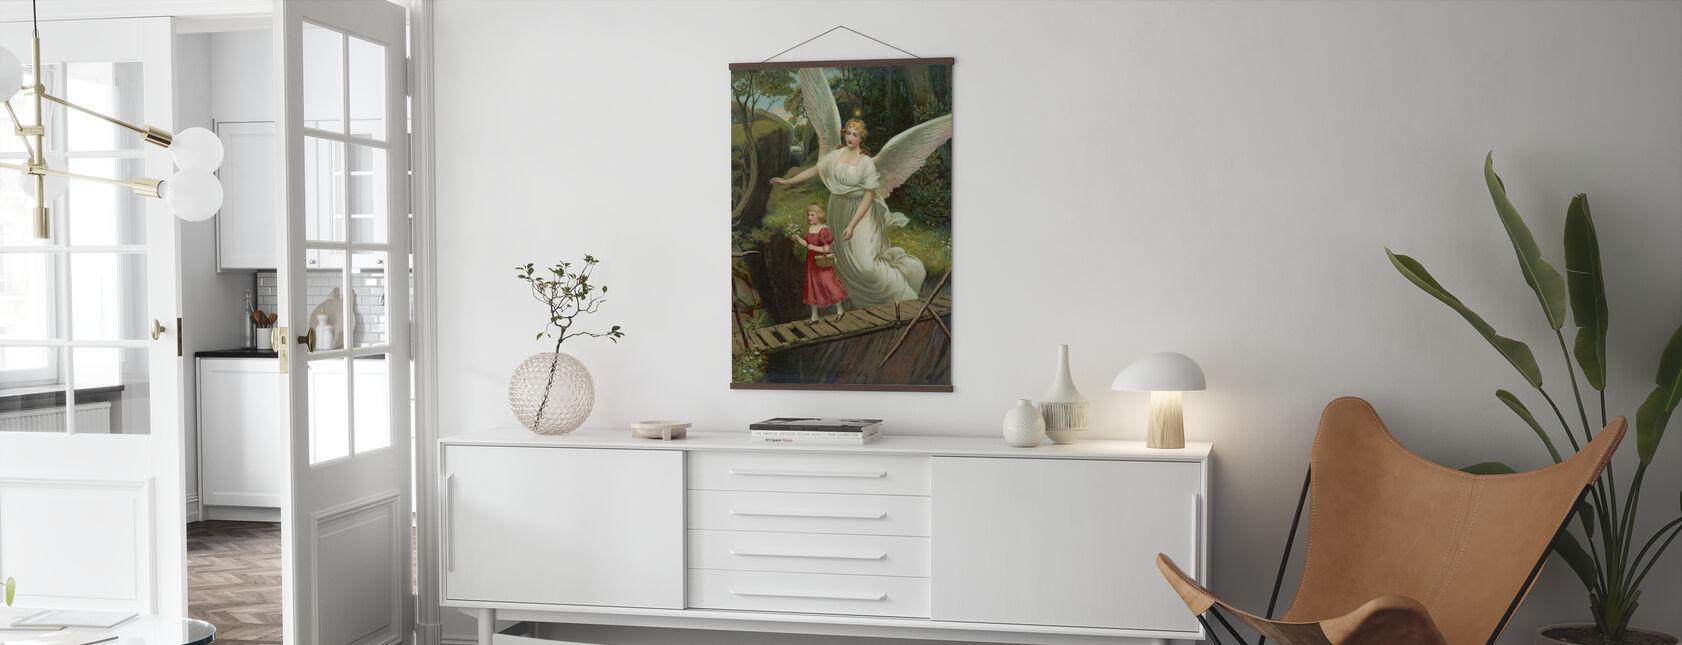 Ange gardien - Affiche - Salle à manger